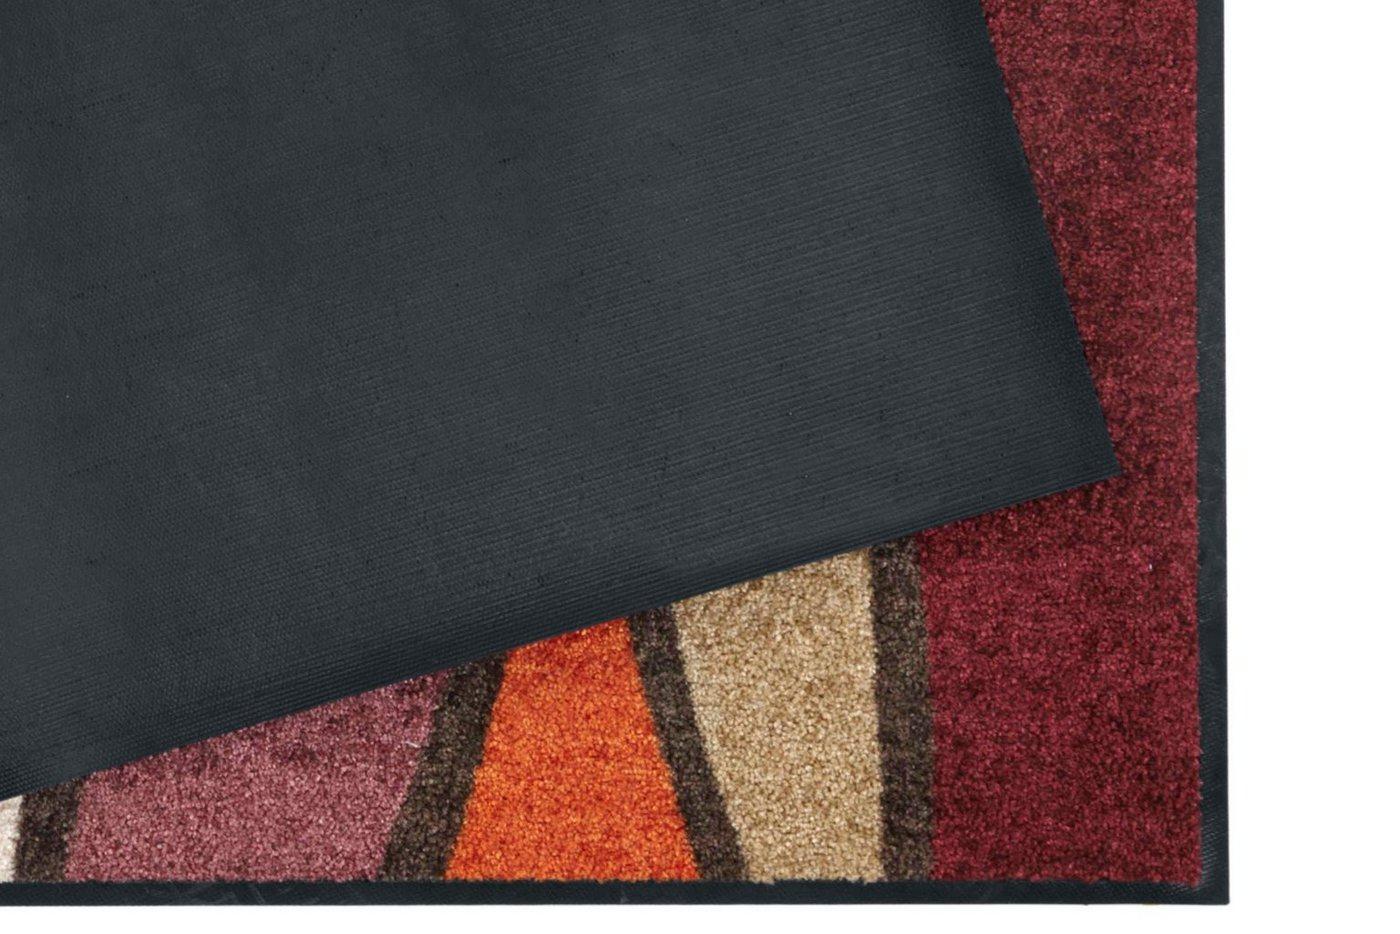 fussmatten f r draussen machen sie den preisvergleich bei nextag. Black Bedroom Furniture Sets. Home Design Ideas